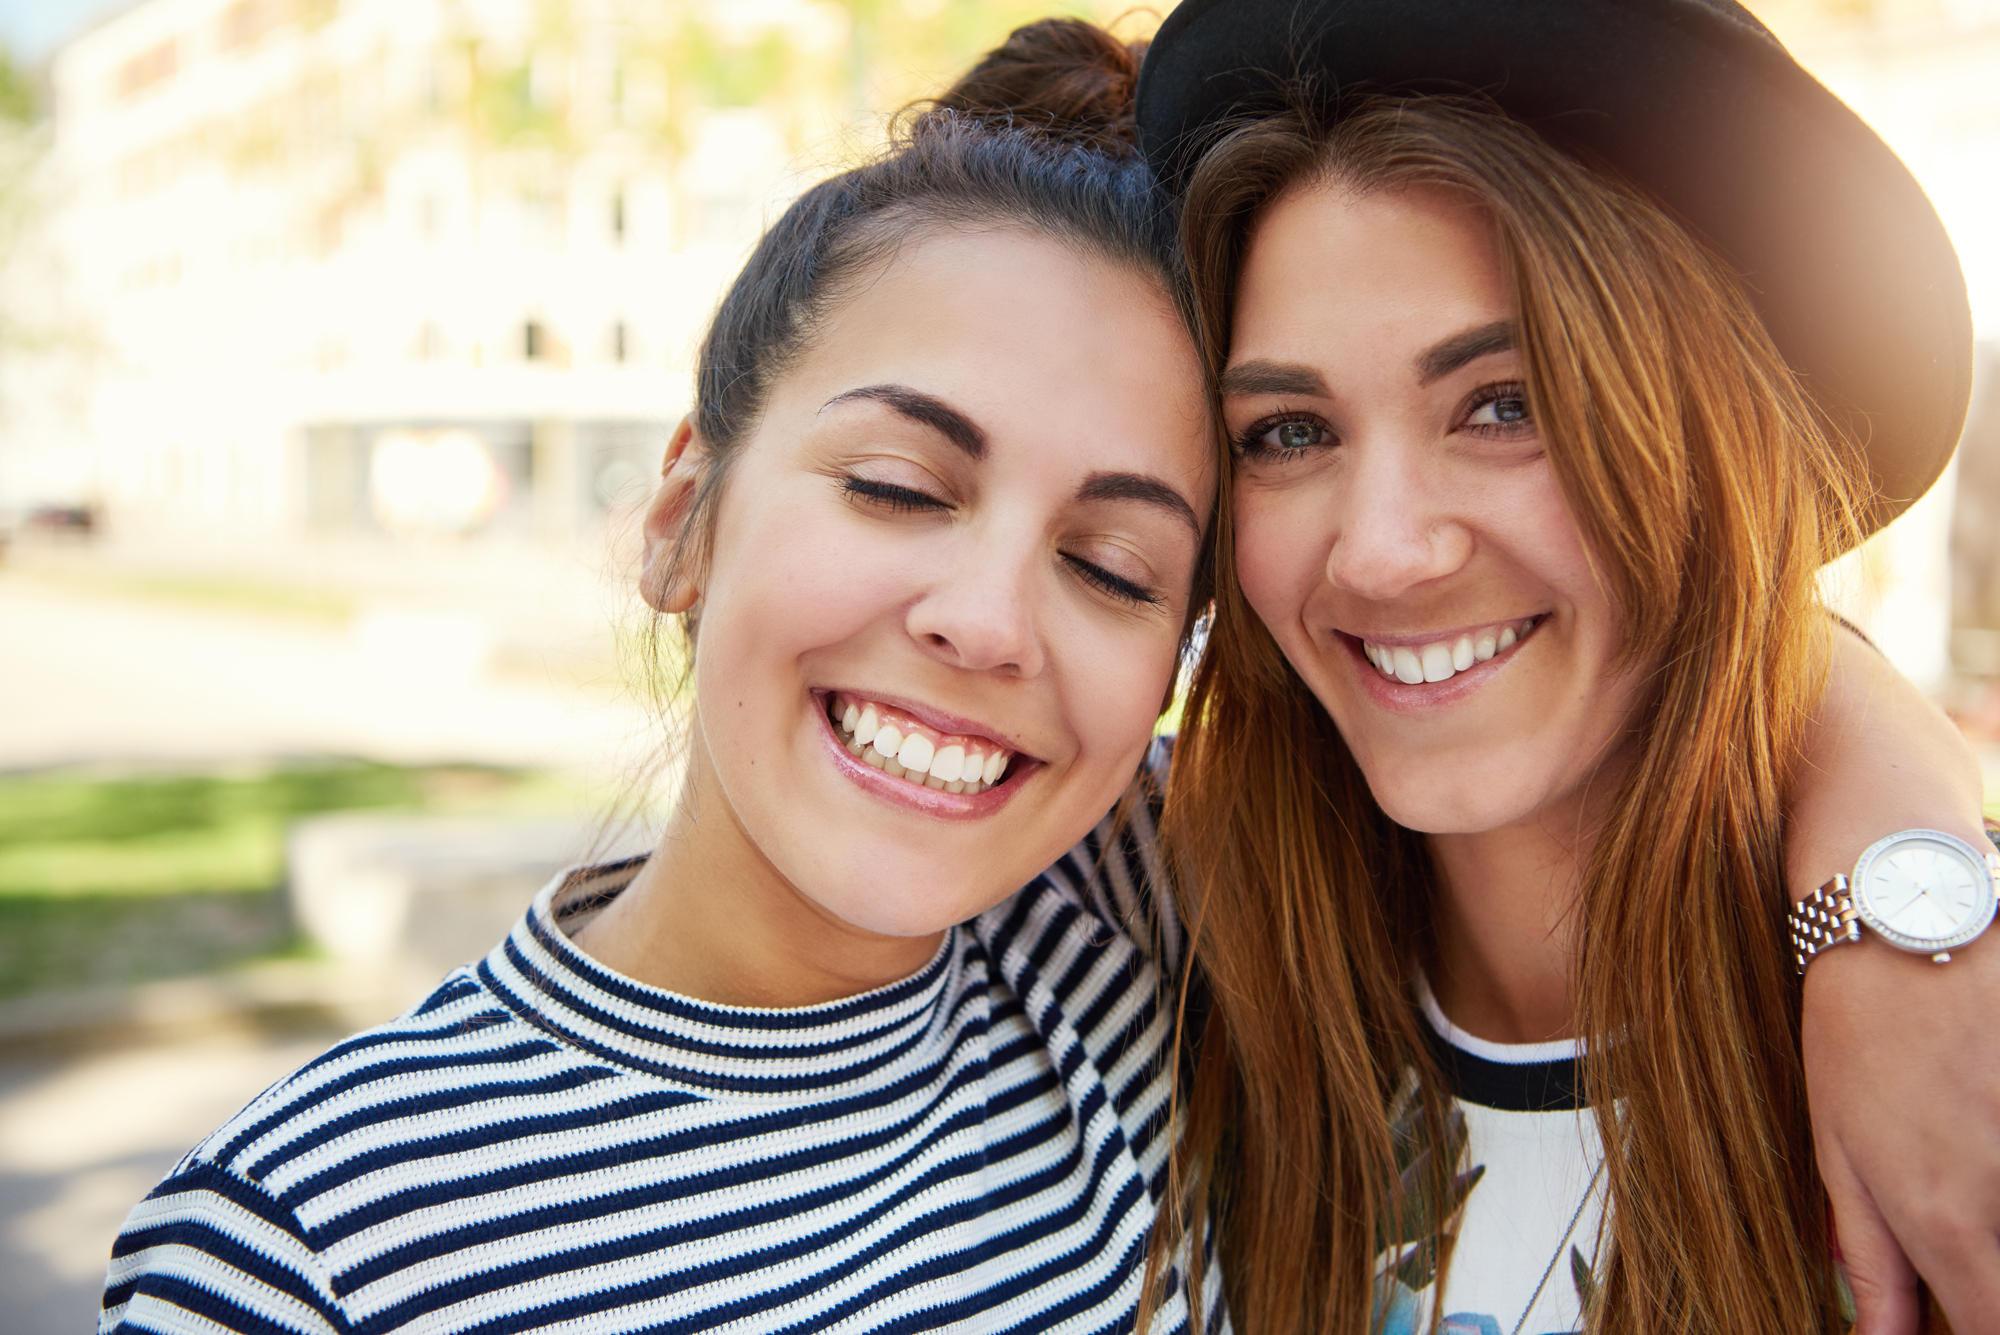 """""""Weißt du noch ...?"""" - """"Na, logisch!!"""" Nichts eignet sich besser zur Freundschaftspflege als gemeinsame Erlebnisse. Die beste Freundin ist unverzichtbar, und wenn ihr mit ihr verreist, schweißt euch das noch mehr zusammen - auf dem Weg zur Freundin fürs Leben."""